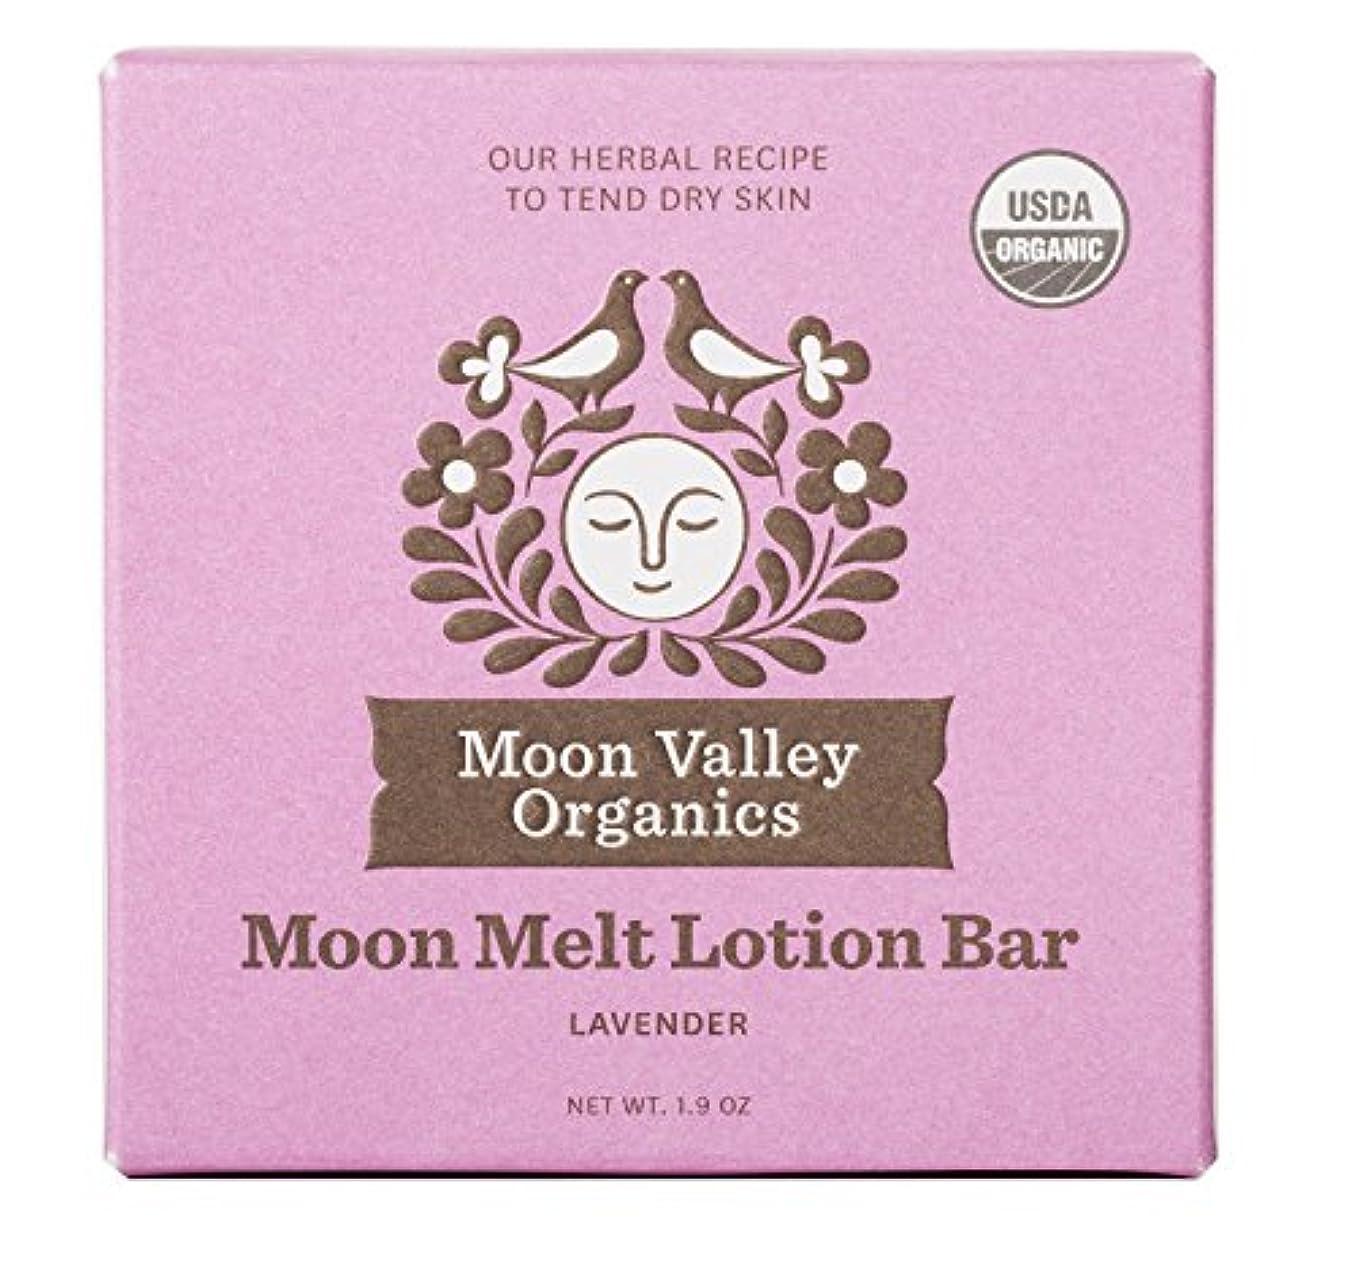 睡眠引き出す土器Moon Valley Organics - Lavender Moon Melt Lotion Bar 1.9 oz. - Lavender by Moon Valley Organics [並行輸入品]